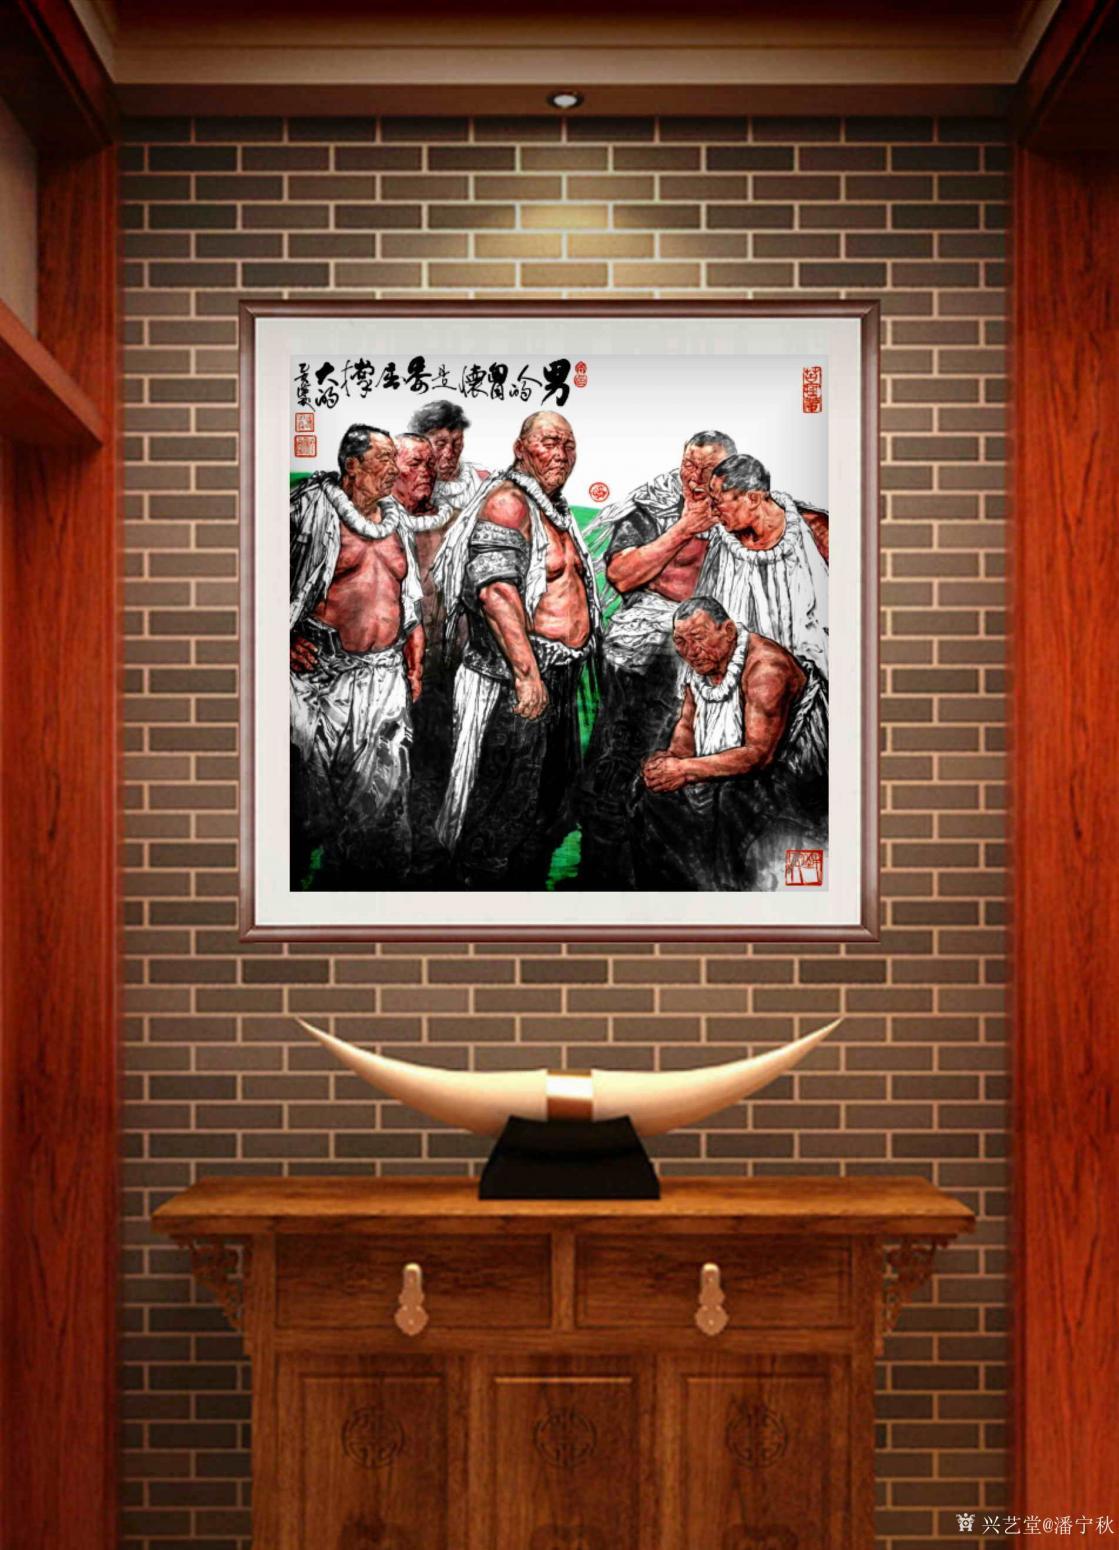 潘宁秋国画作品《男人的胸怀》